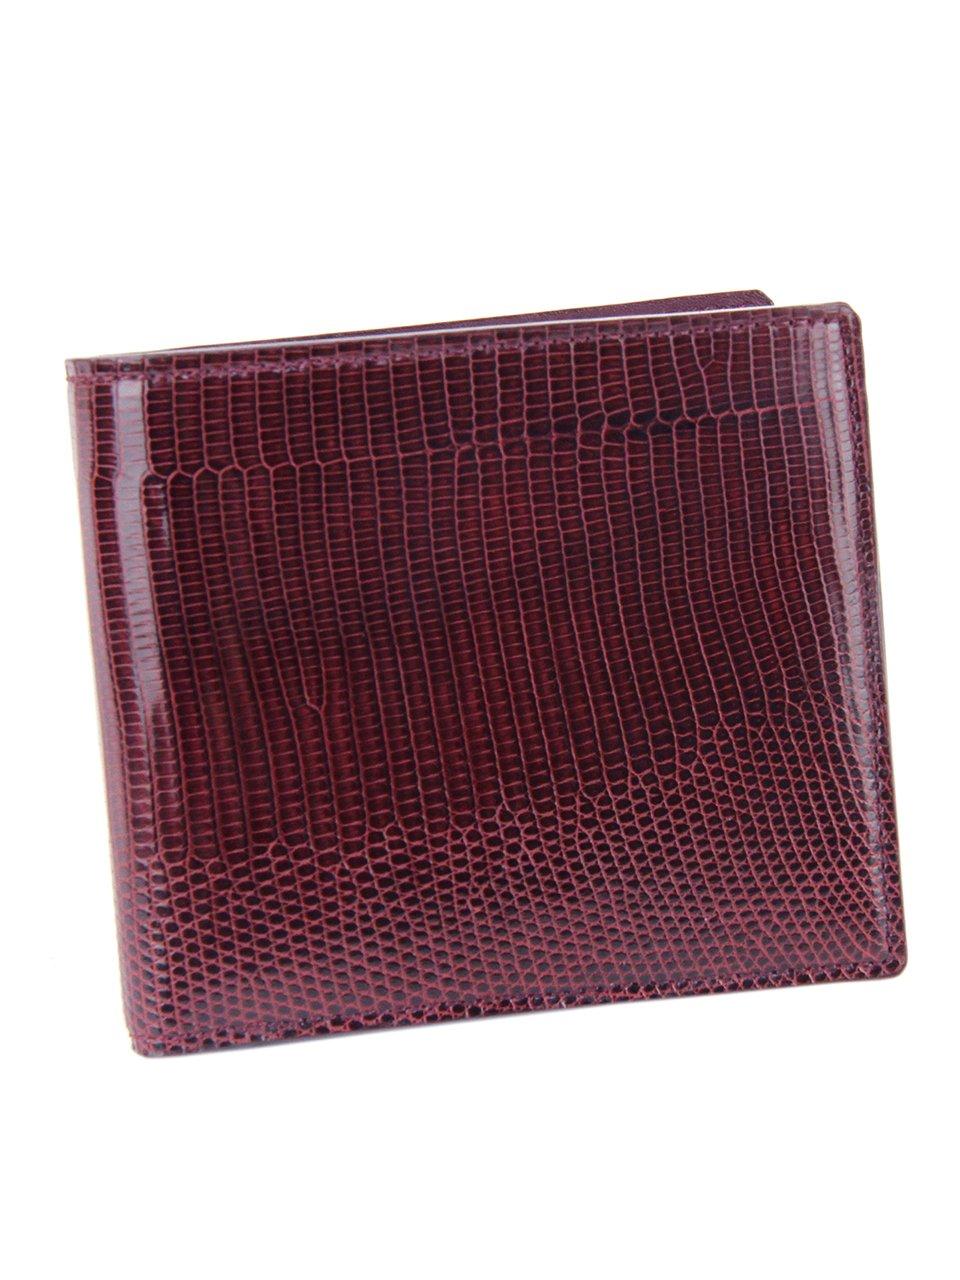 ペッレモルビダ 二つ折り財布 本革 バルカ リザードレザー メンズ LI004 B01N0AT9J9 ワイン ワイン